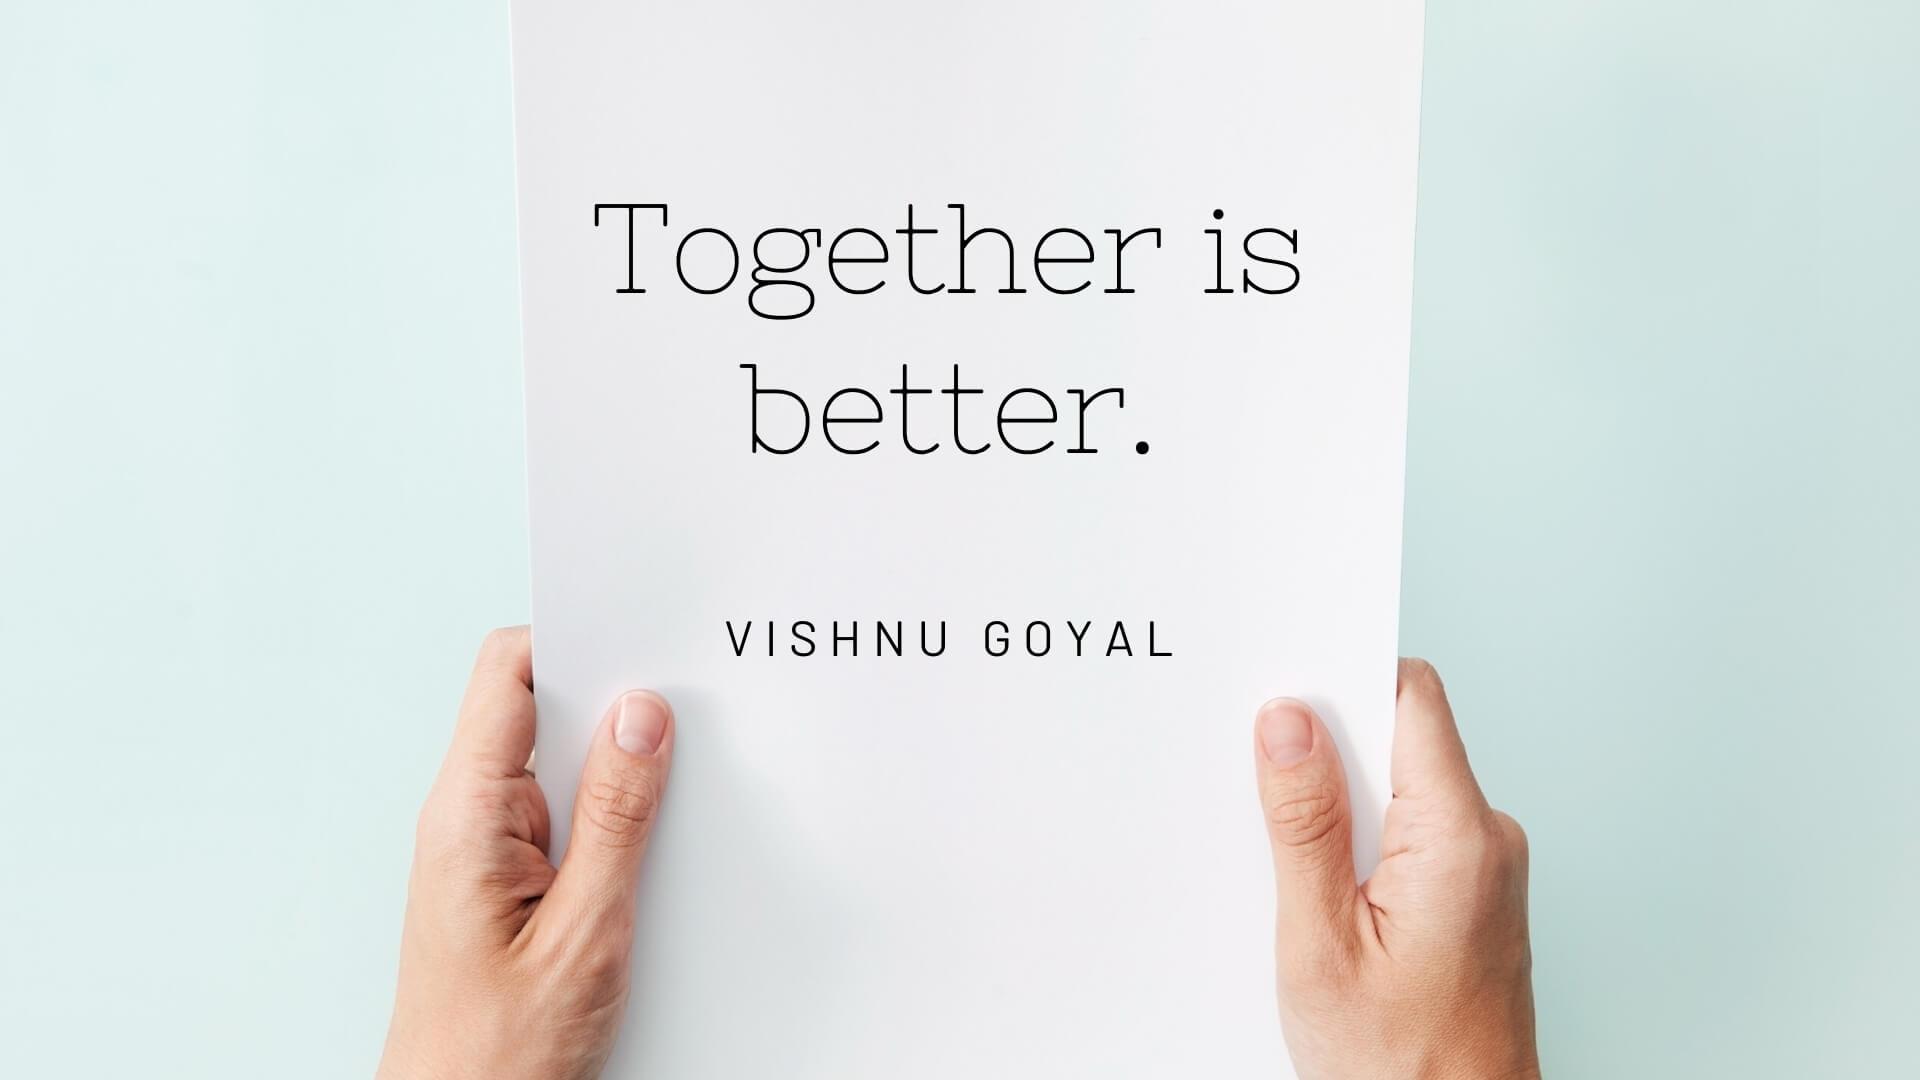 Contact Vishnu Goyal